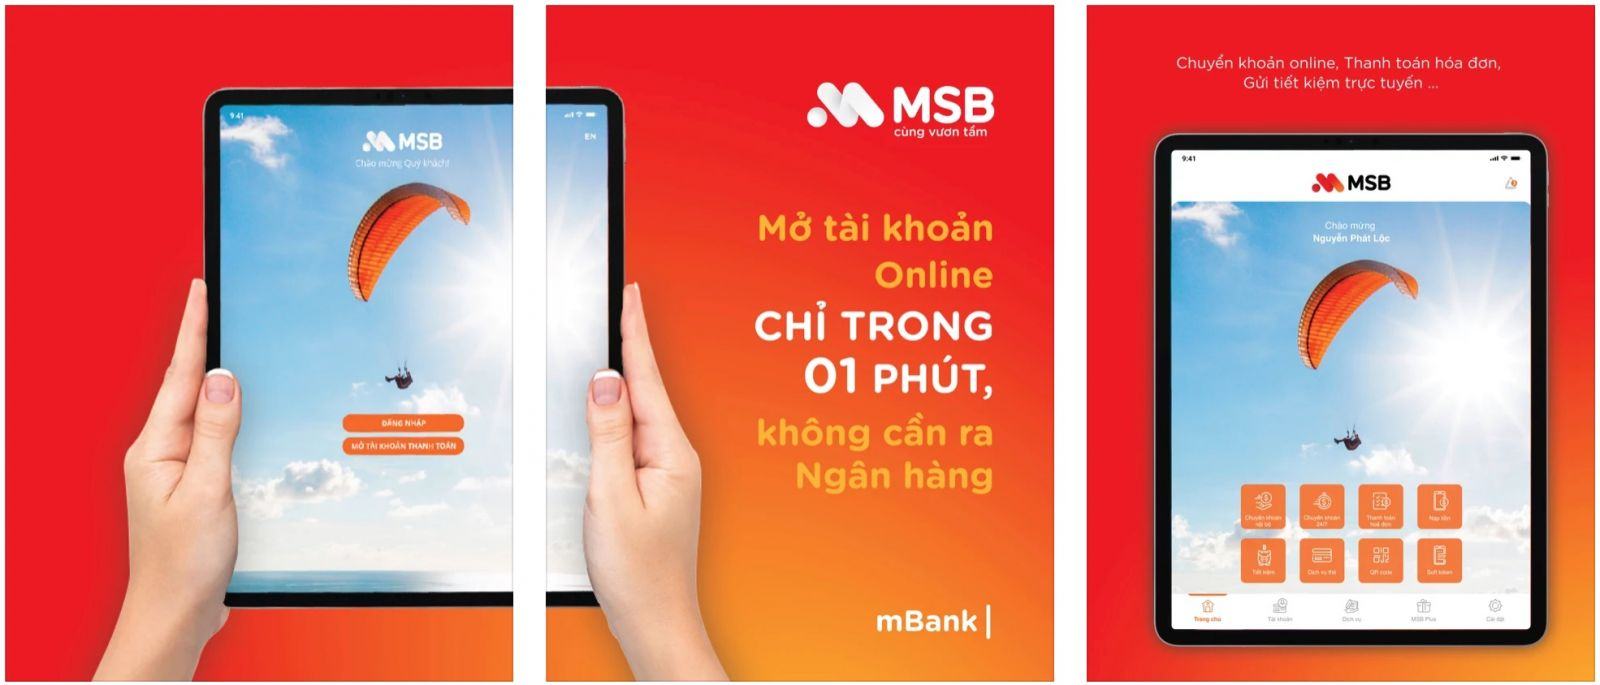 Ứng dụng MSB mBank